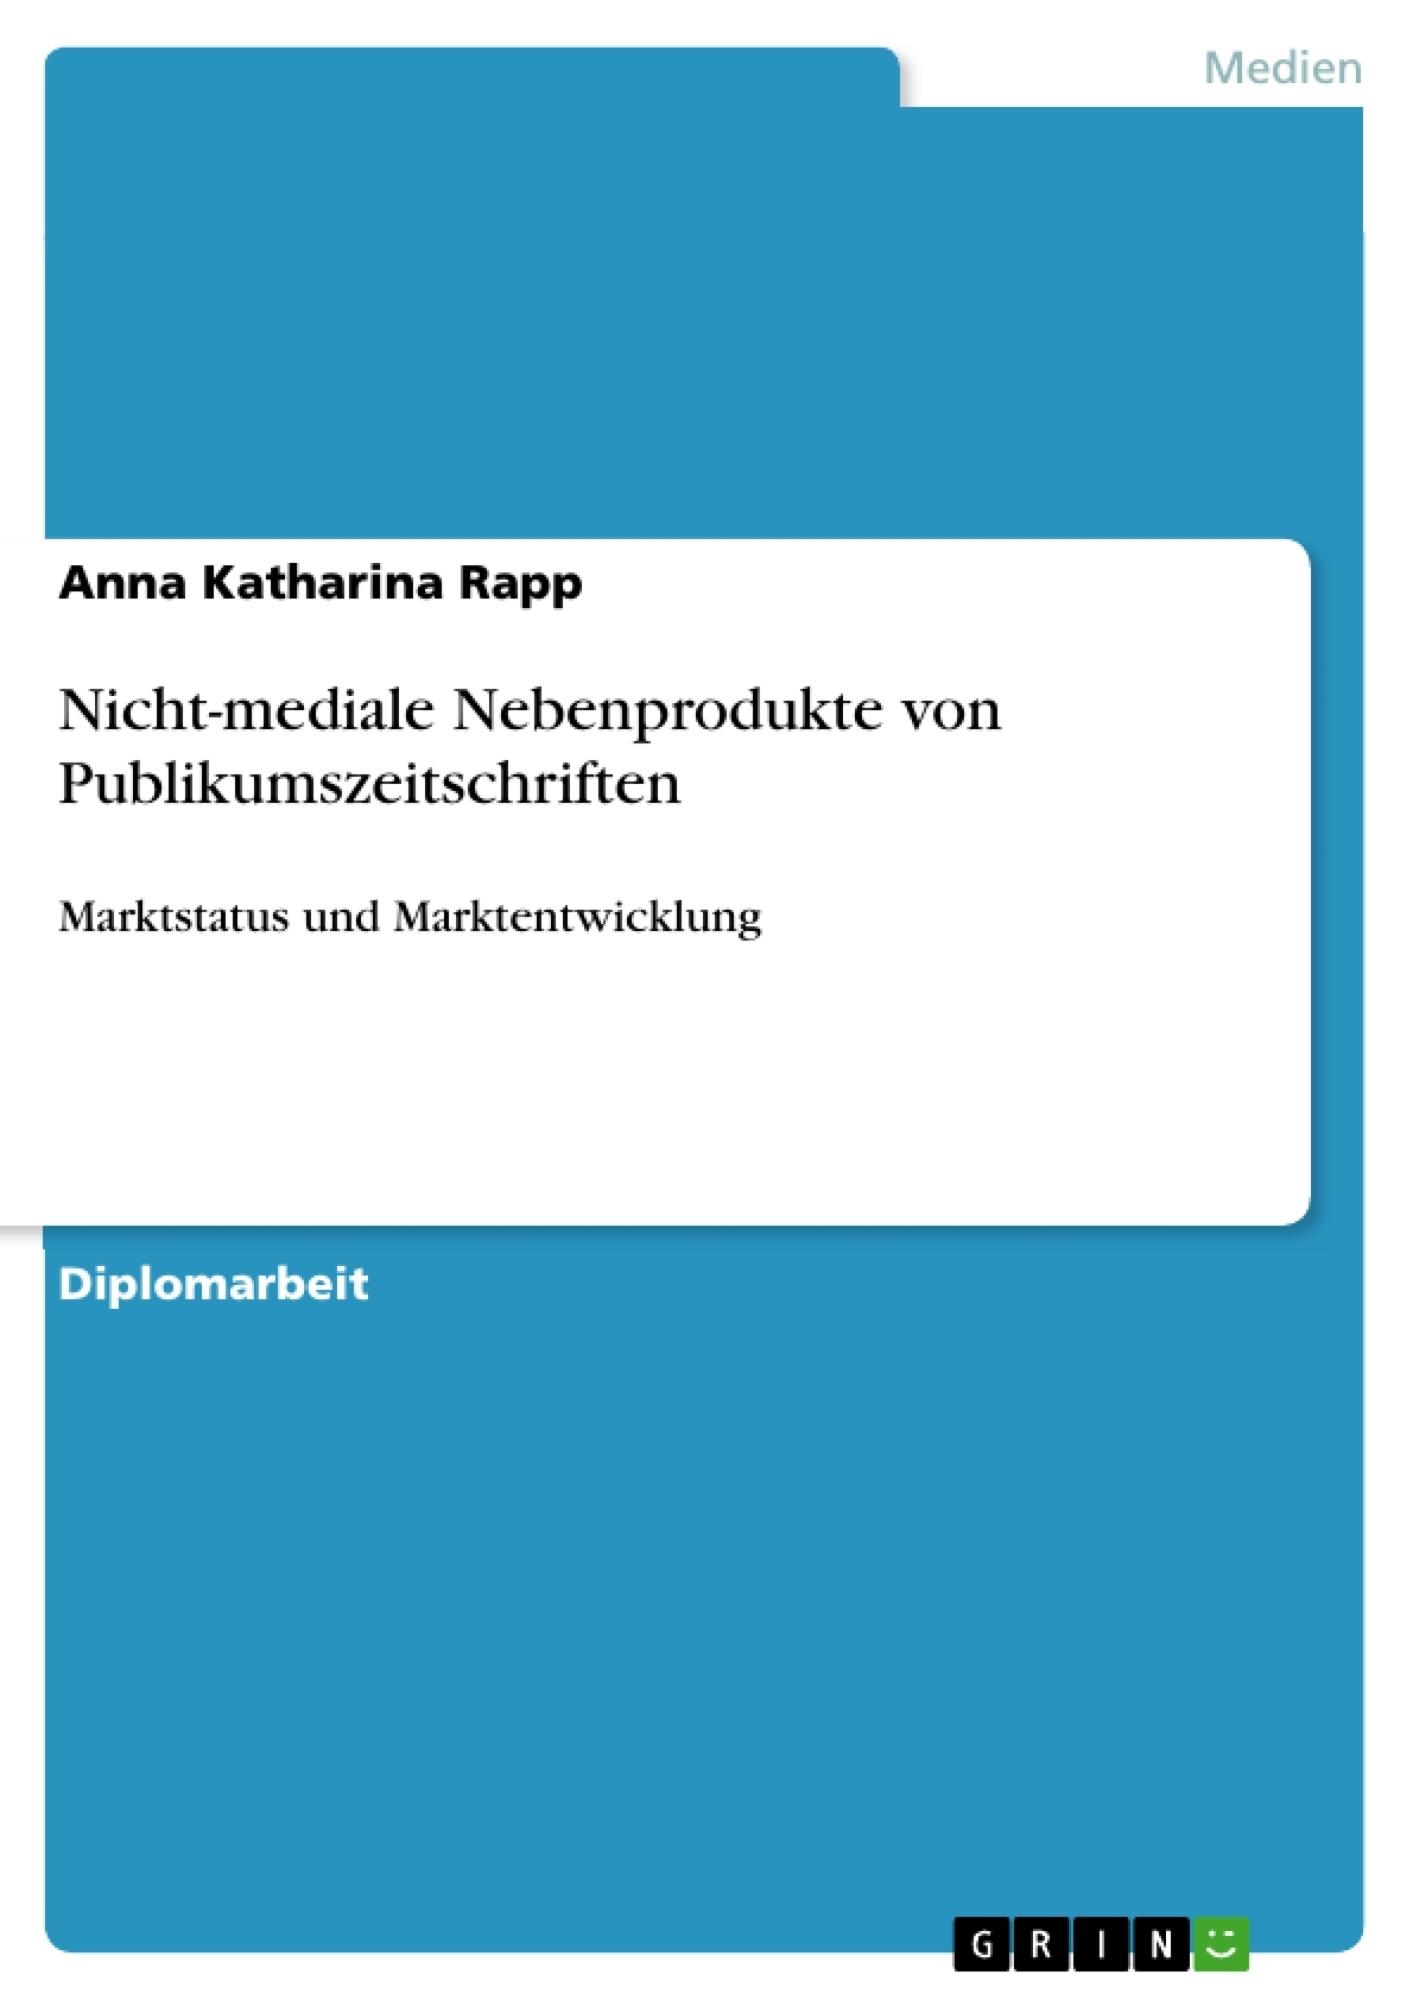 Titel: Nicht-mediale Nebenprodukte von Publikumszeitschriften